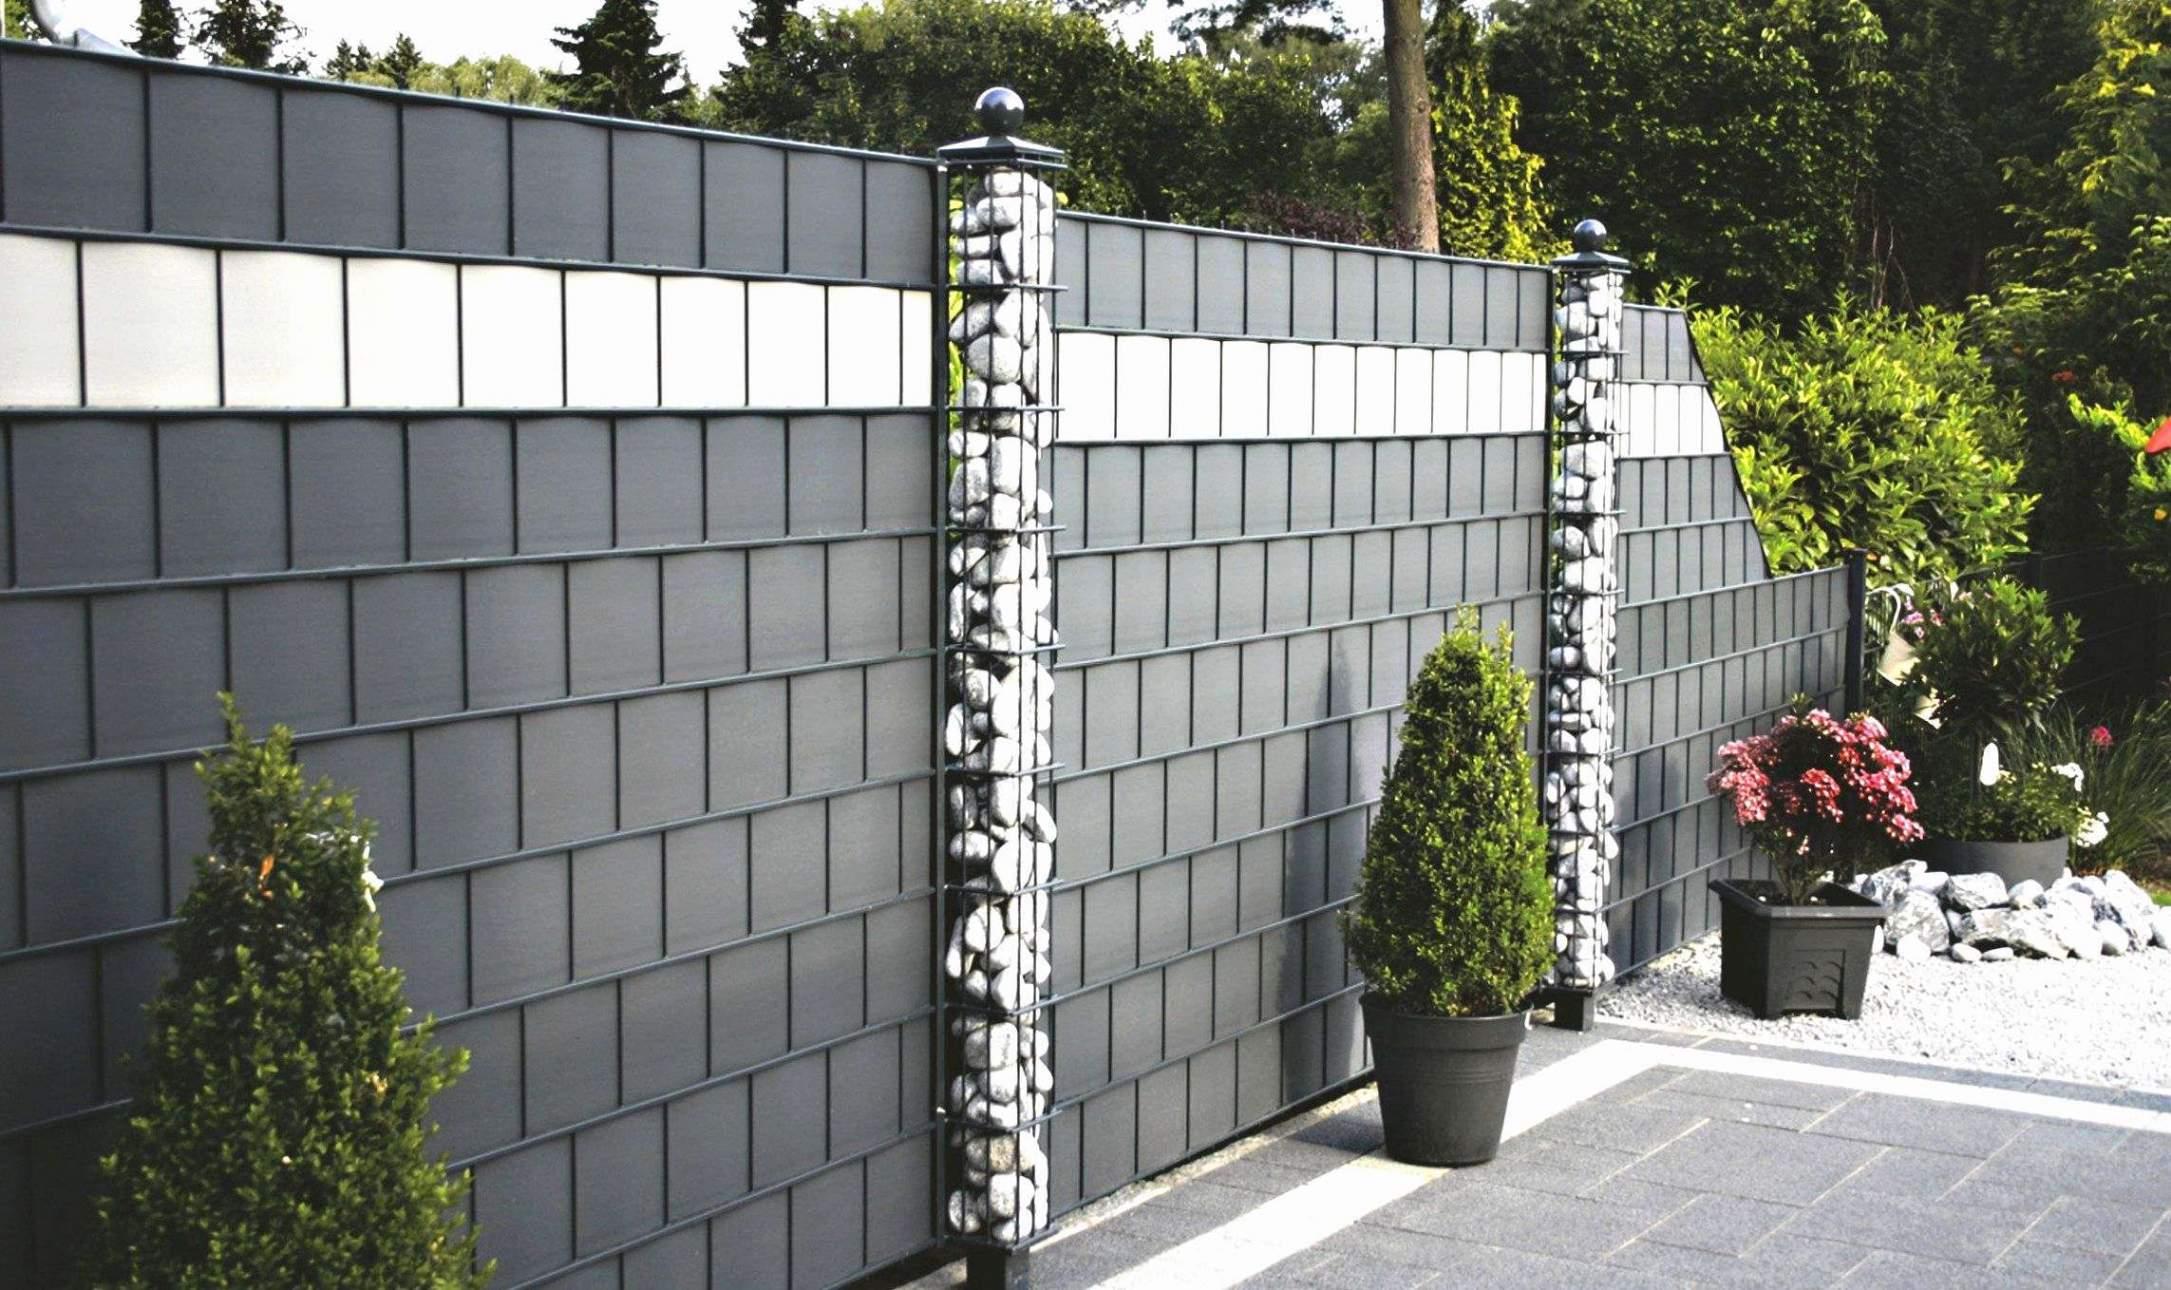 pflanzen im garten elegant balkon sichtschutz pflanzen temobardz home blog of pflanzen im garten